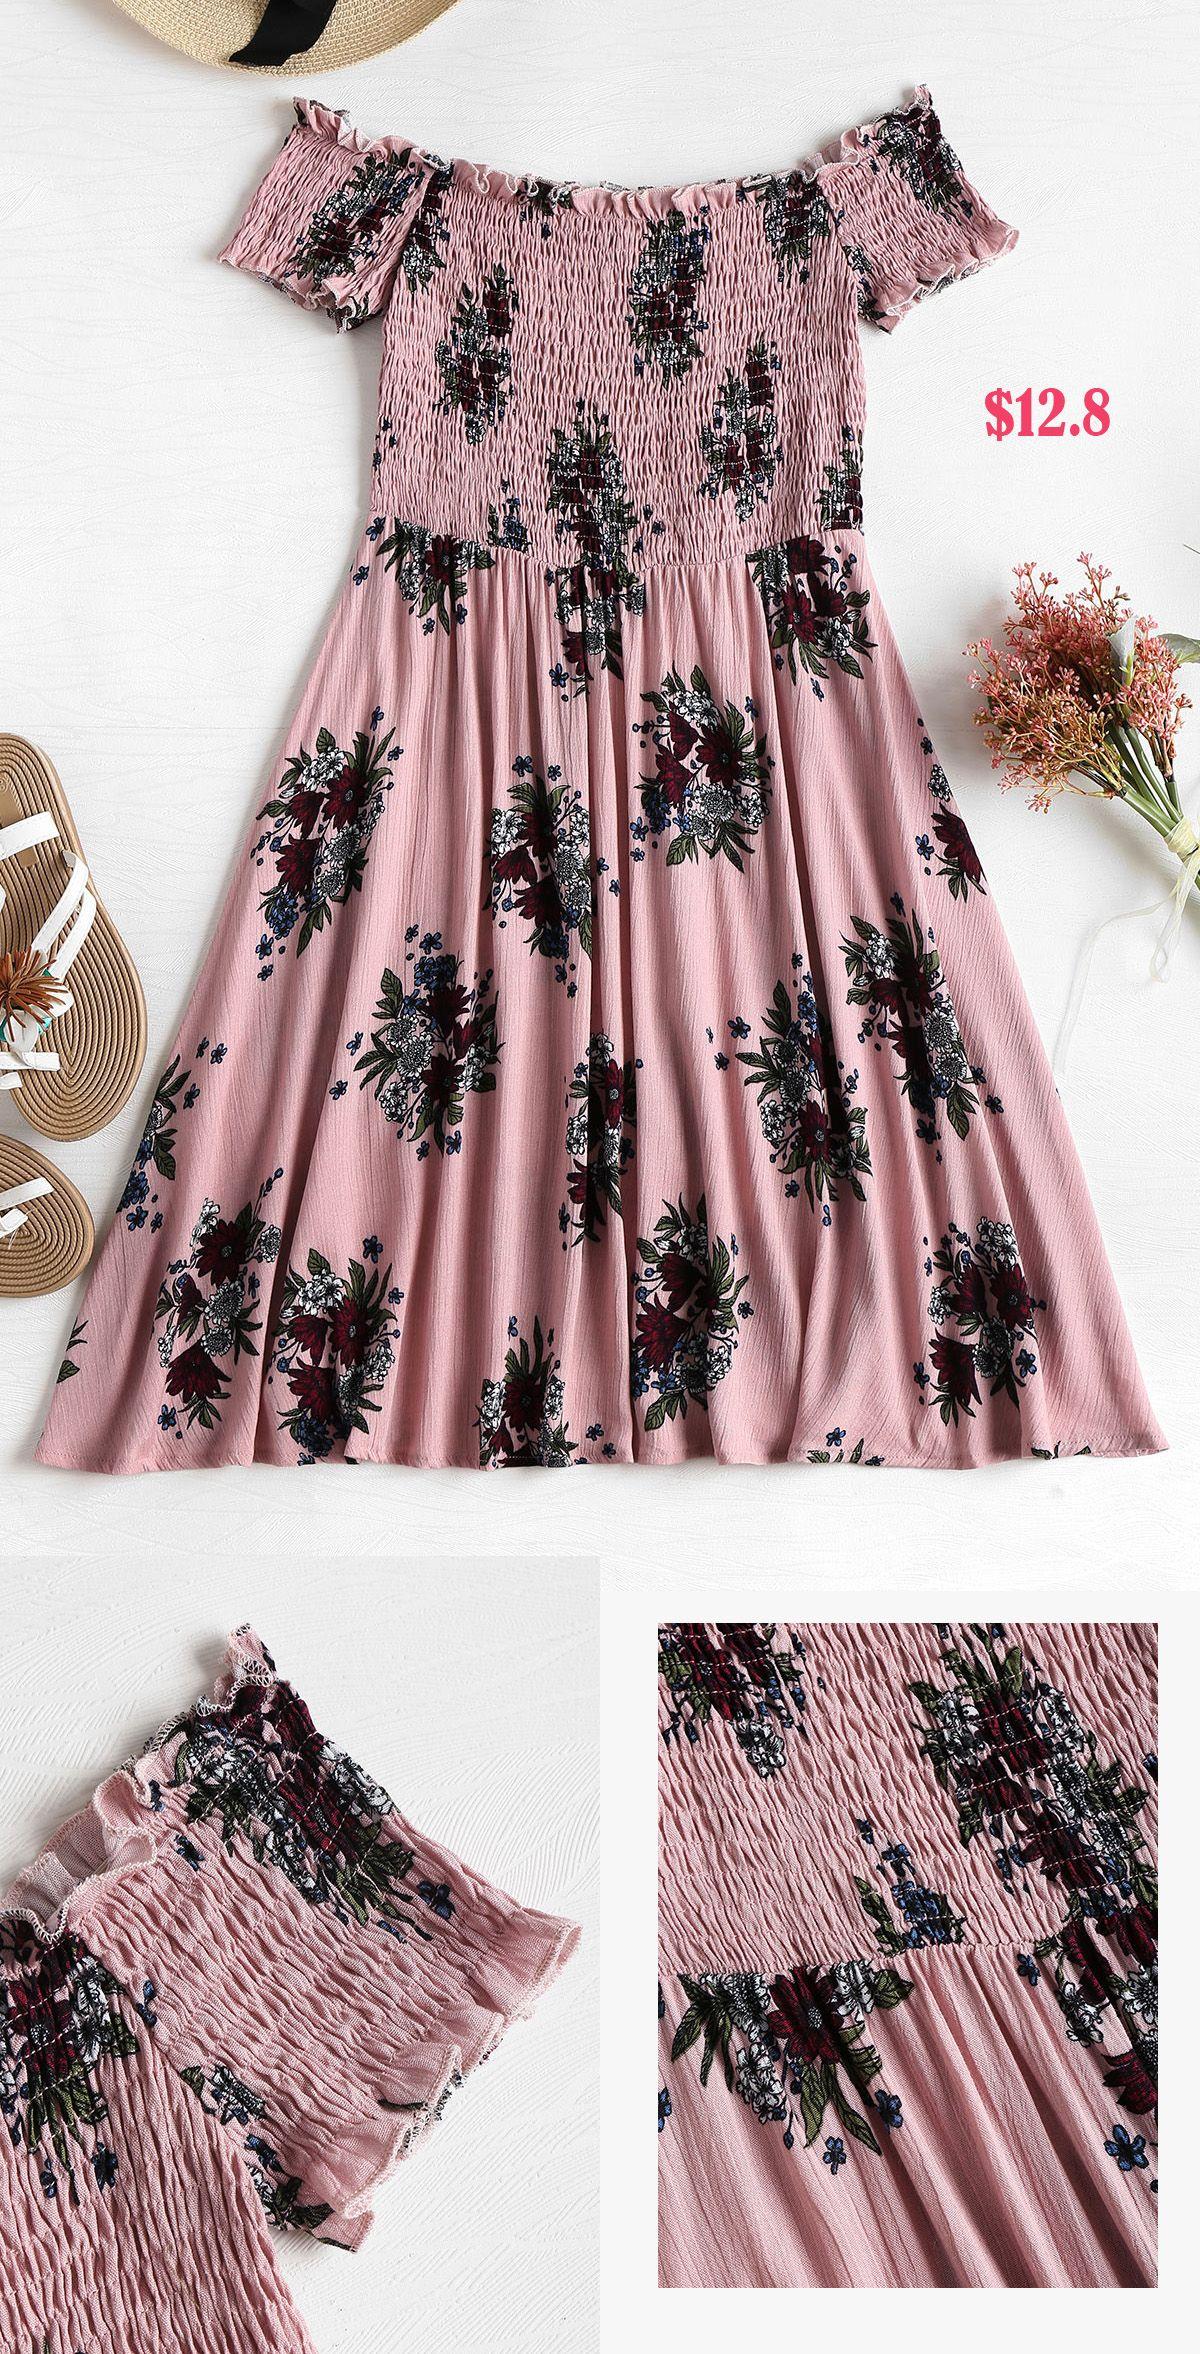 c213ebb11802 Smocked Floral Off Shoulder Dress in 2019